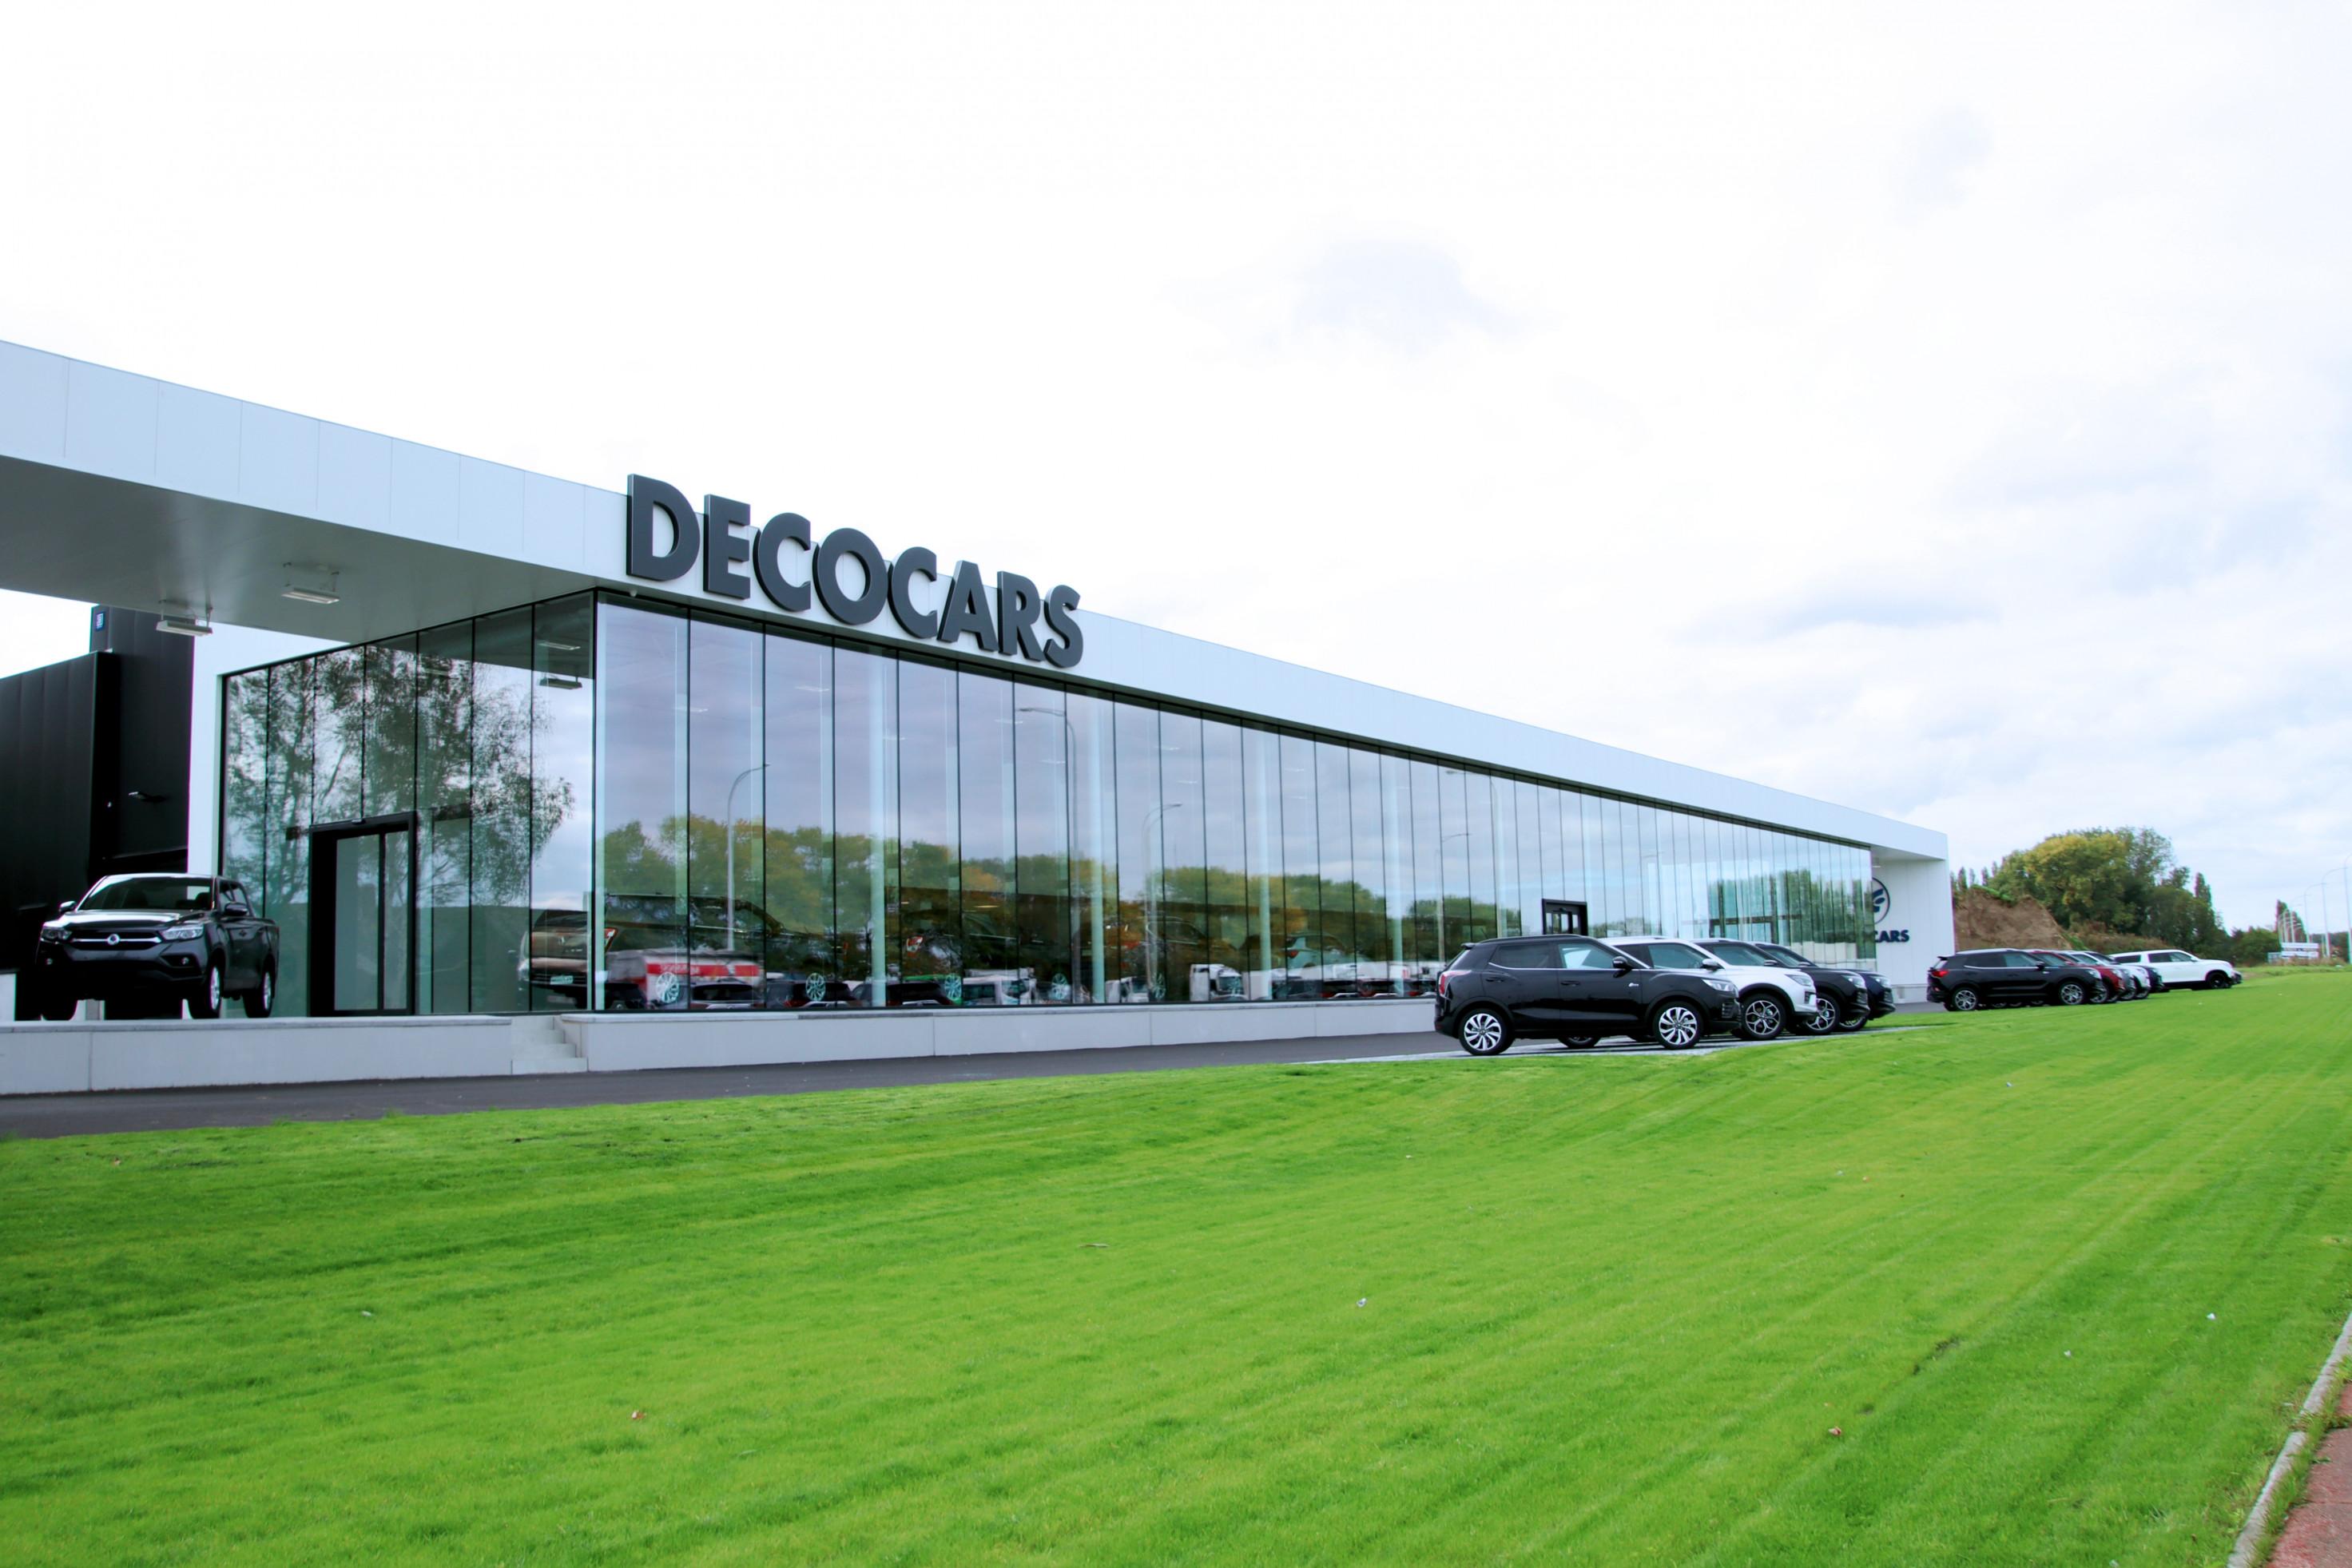 foto Decocars.jpg